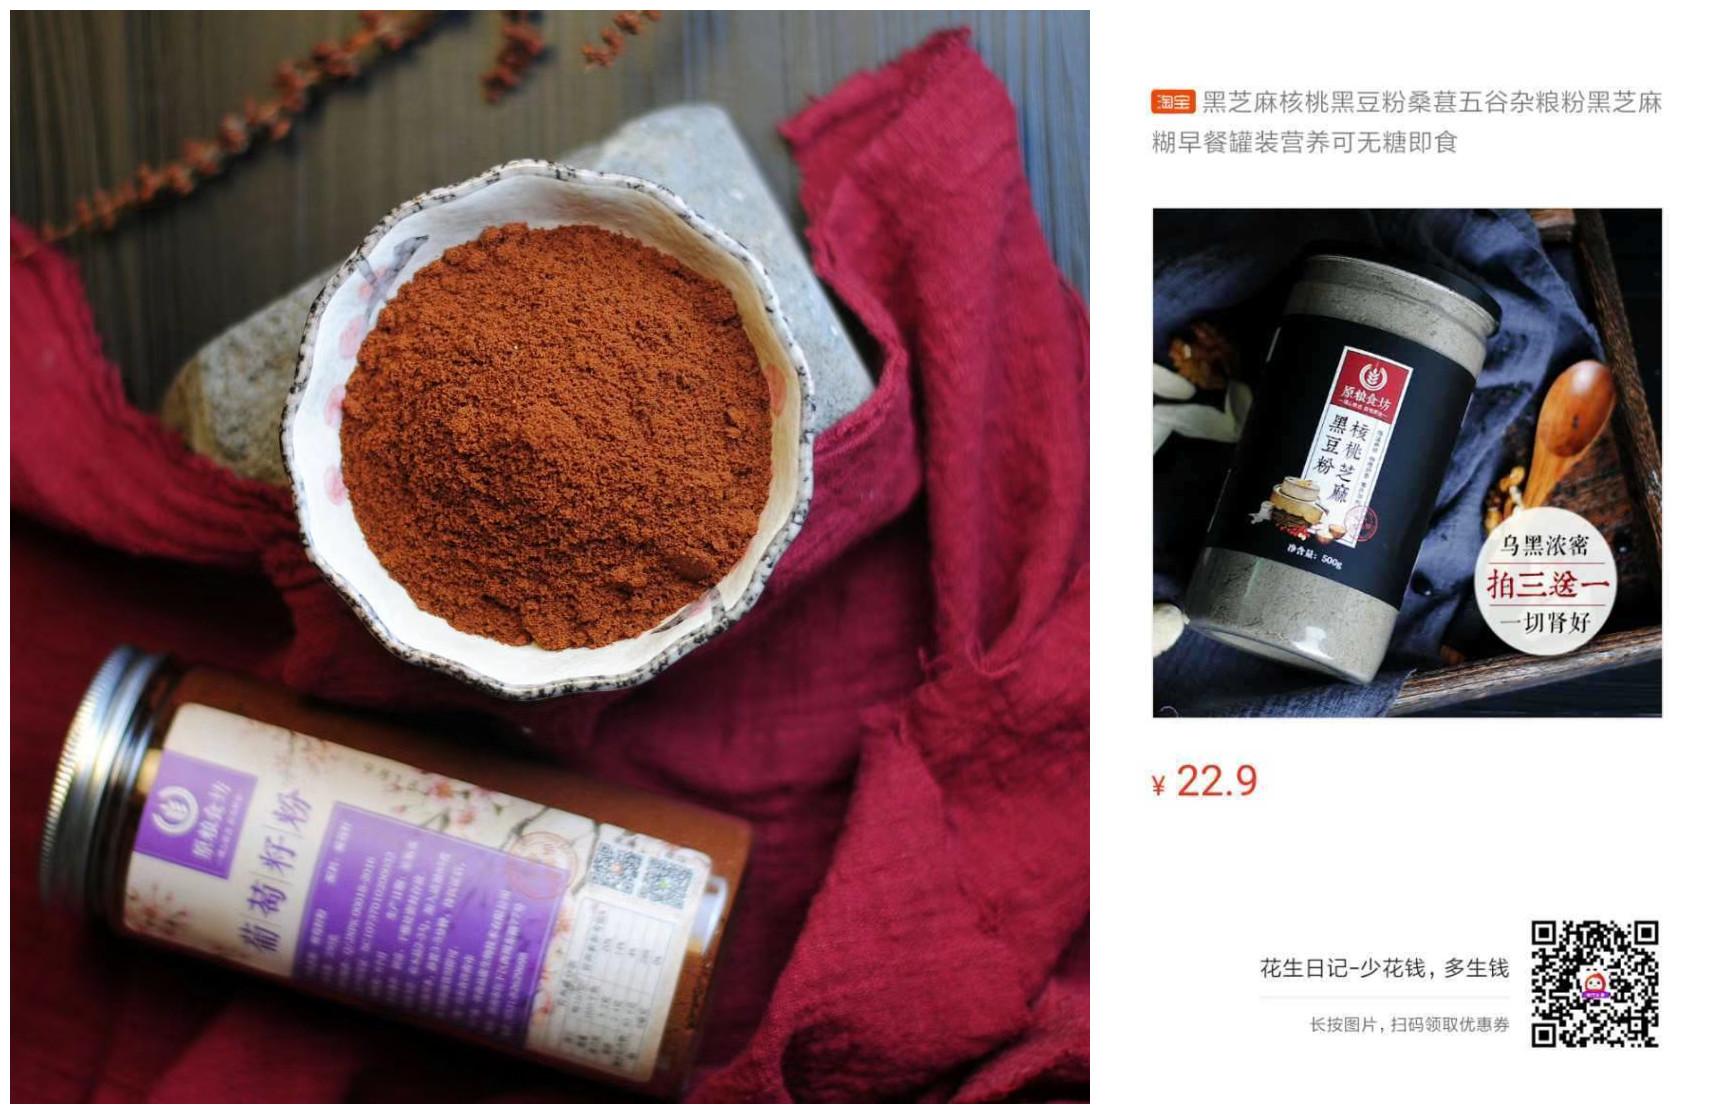 关于葡萄籽粉,你认为是什么样子的?